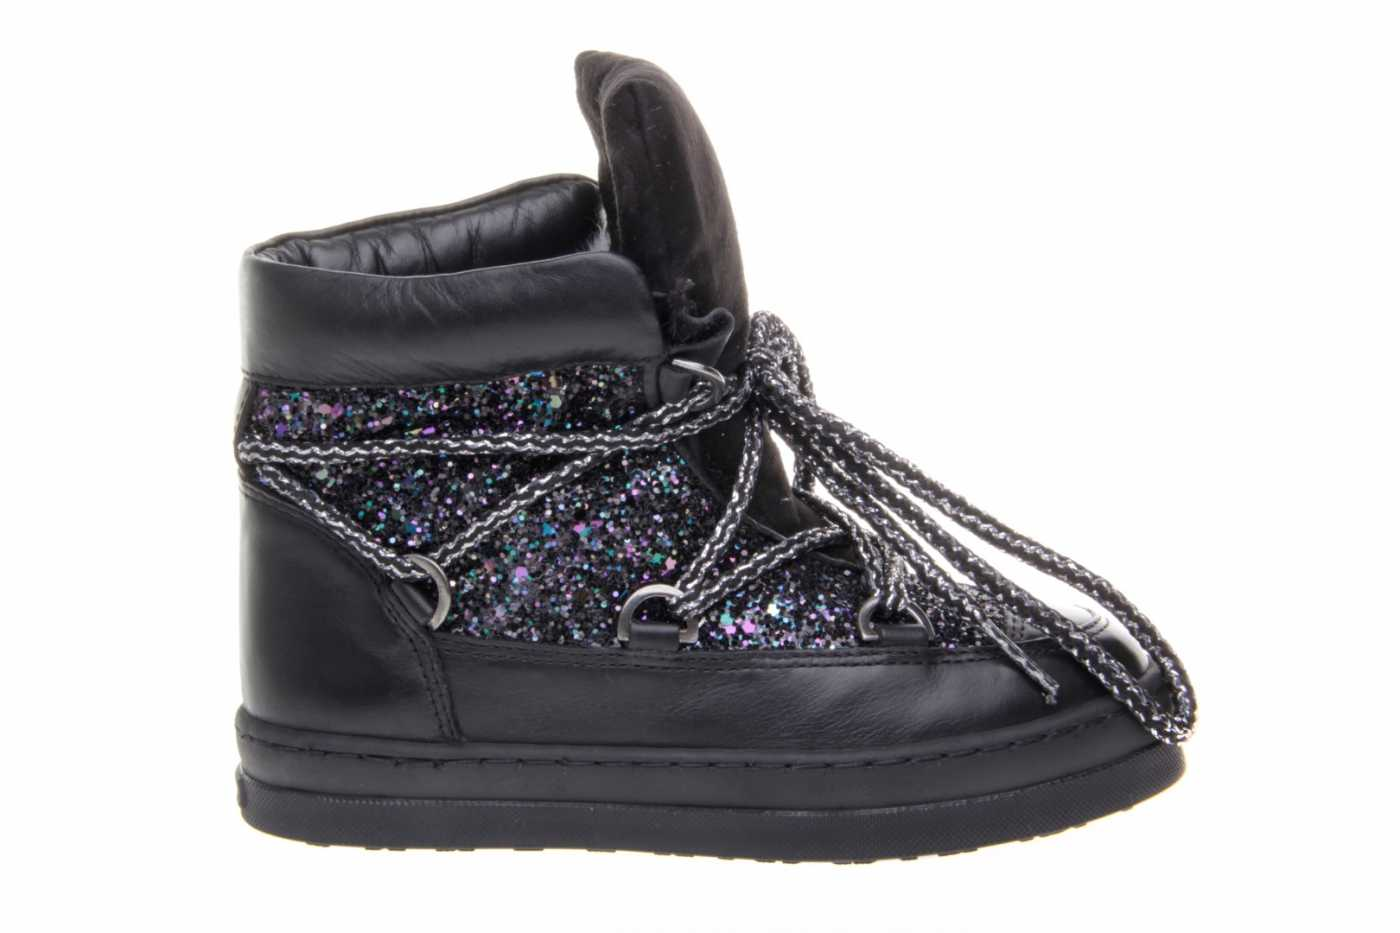 657a3c21535 Comprar zapato tipo JOVEN NIÑA estilo BOTINES-BOTA ALTA COLOR NEGRO ...